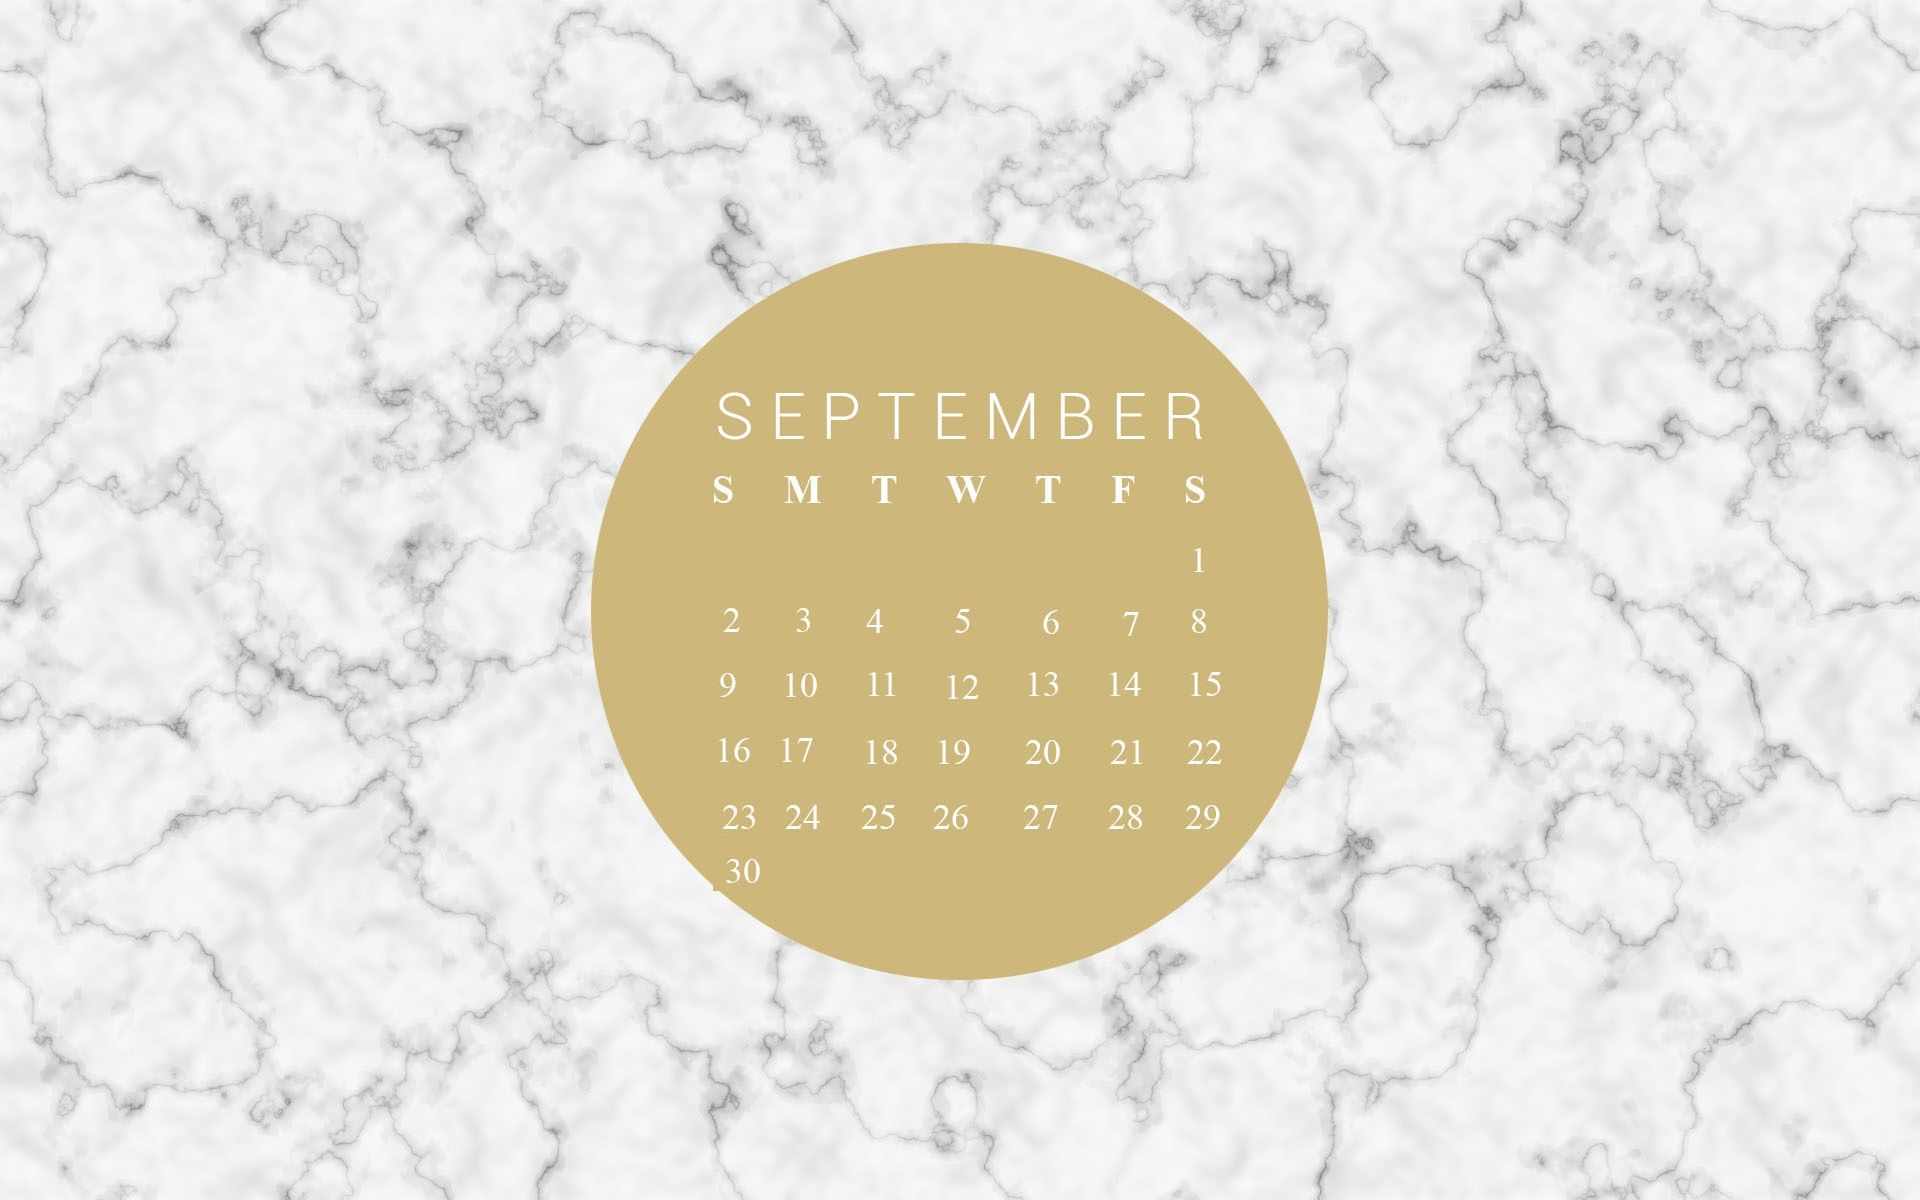 September 2018 Calendar Wallpapers | Calendar 2018 ...